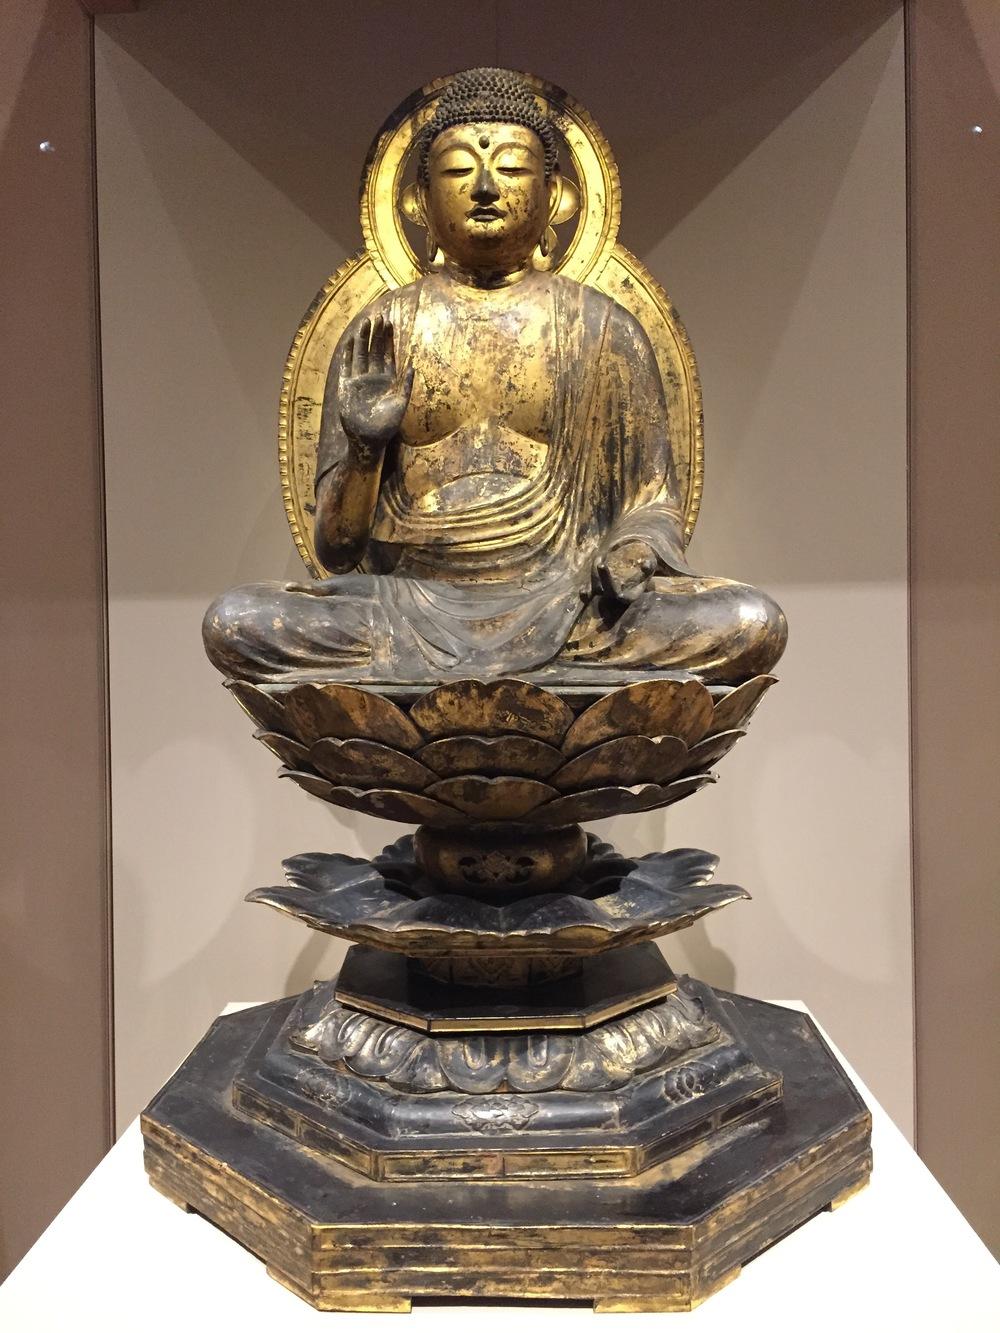 Yakushi-Nyorai Buddha,   1100s  Gilded wood  Japan, late Heian period (about 900-1185)